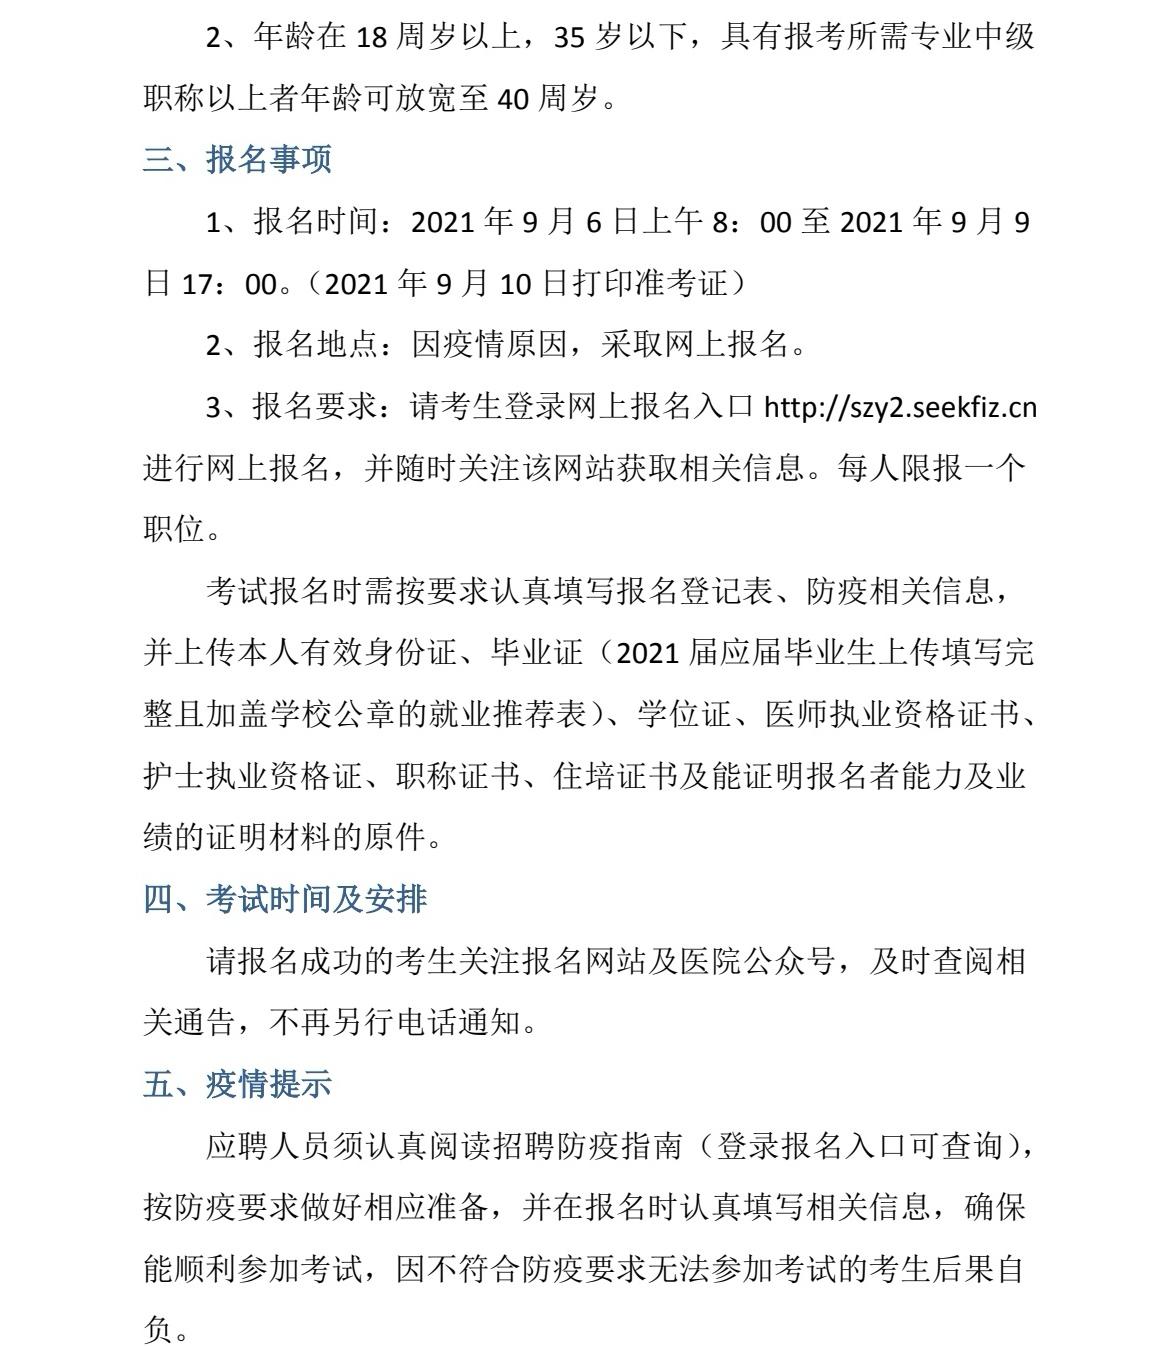 贵州中医药大学第二附属医院合同制职工招聘25人公告图2